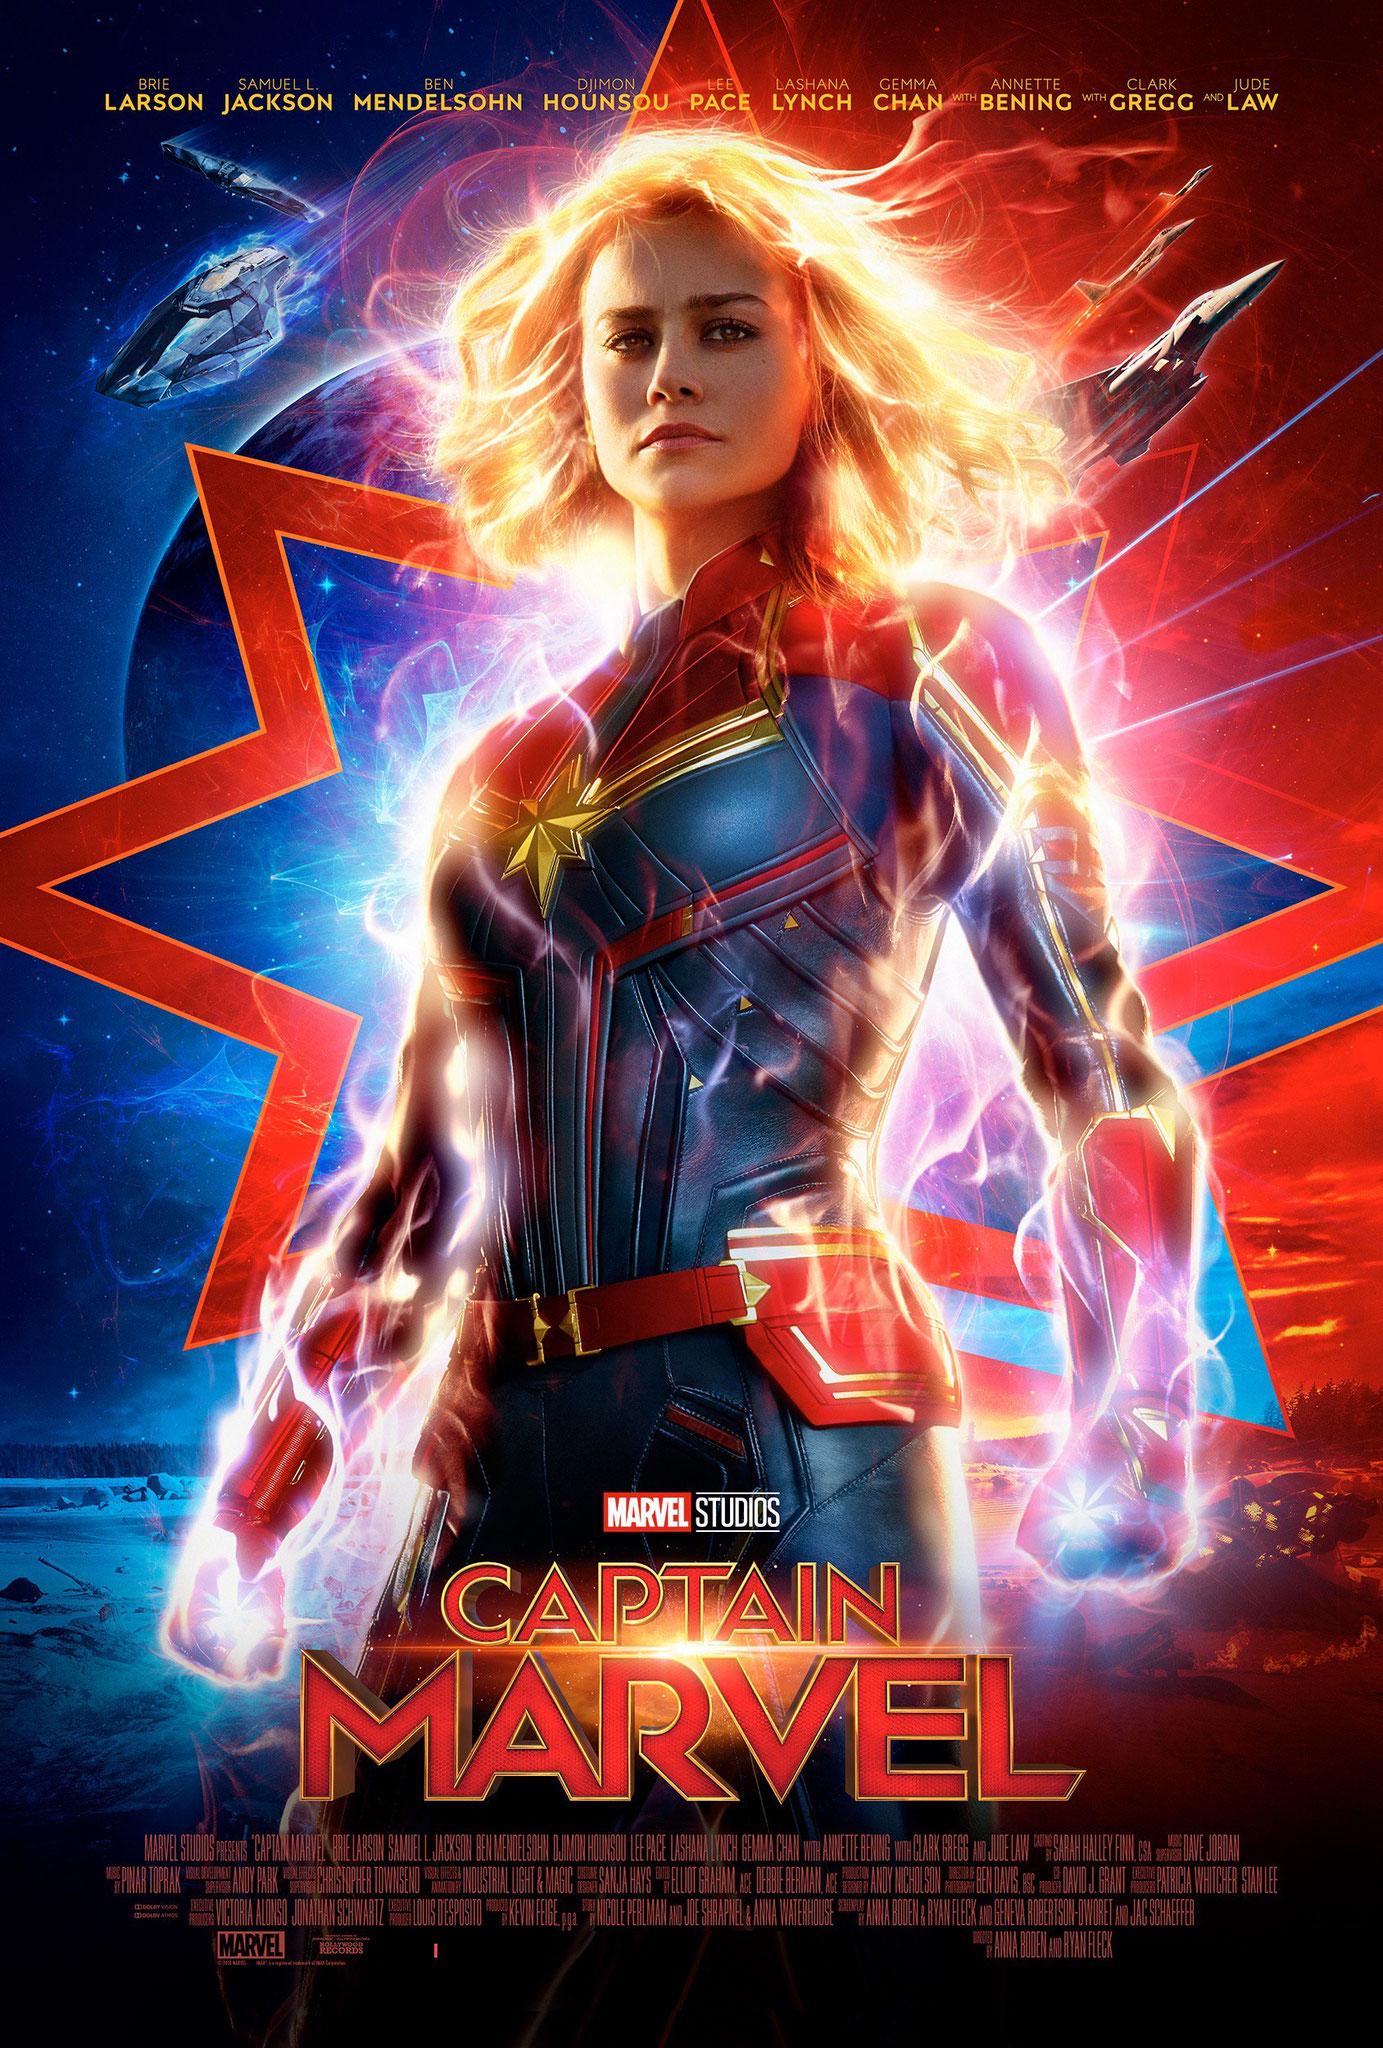 CAPTAIN MARVEL venerdì 29: ore 21:15 sabato 30: ore 16:15 domenica 31: ore 16:15 – 21:15 #CaptainMarvel